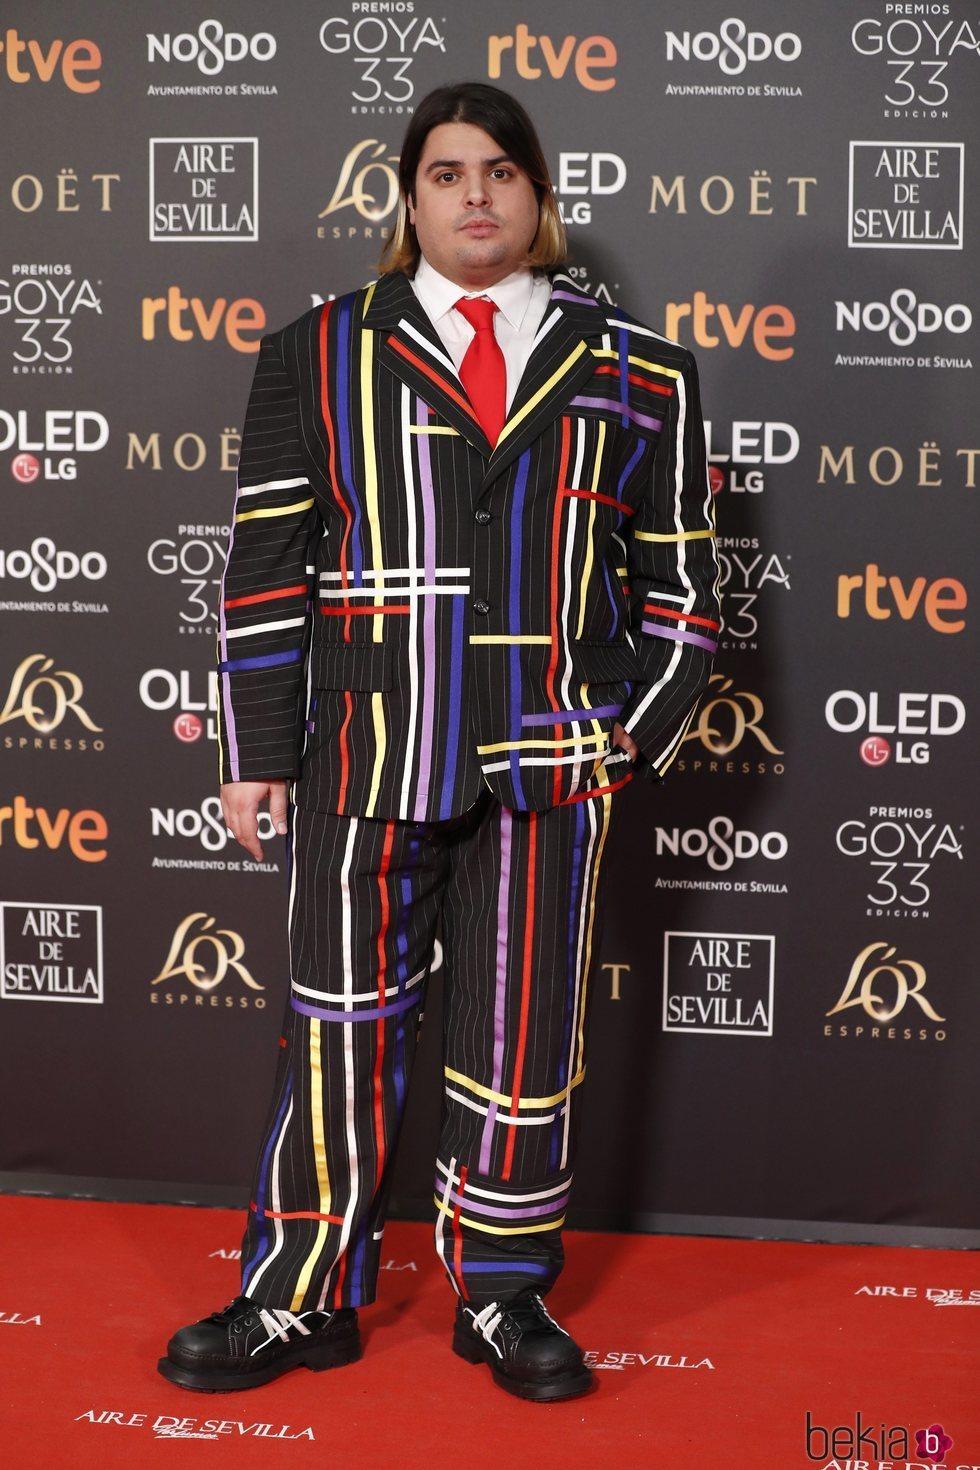 Brays Efe en la alfombra roja de los Premios Goya 2019